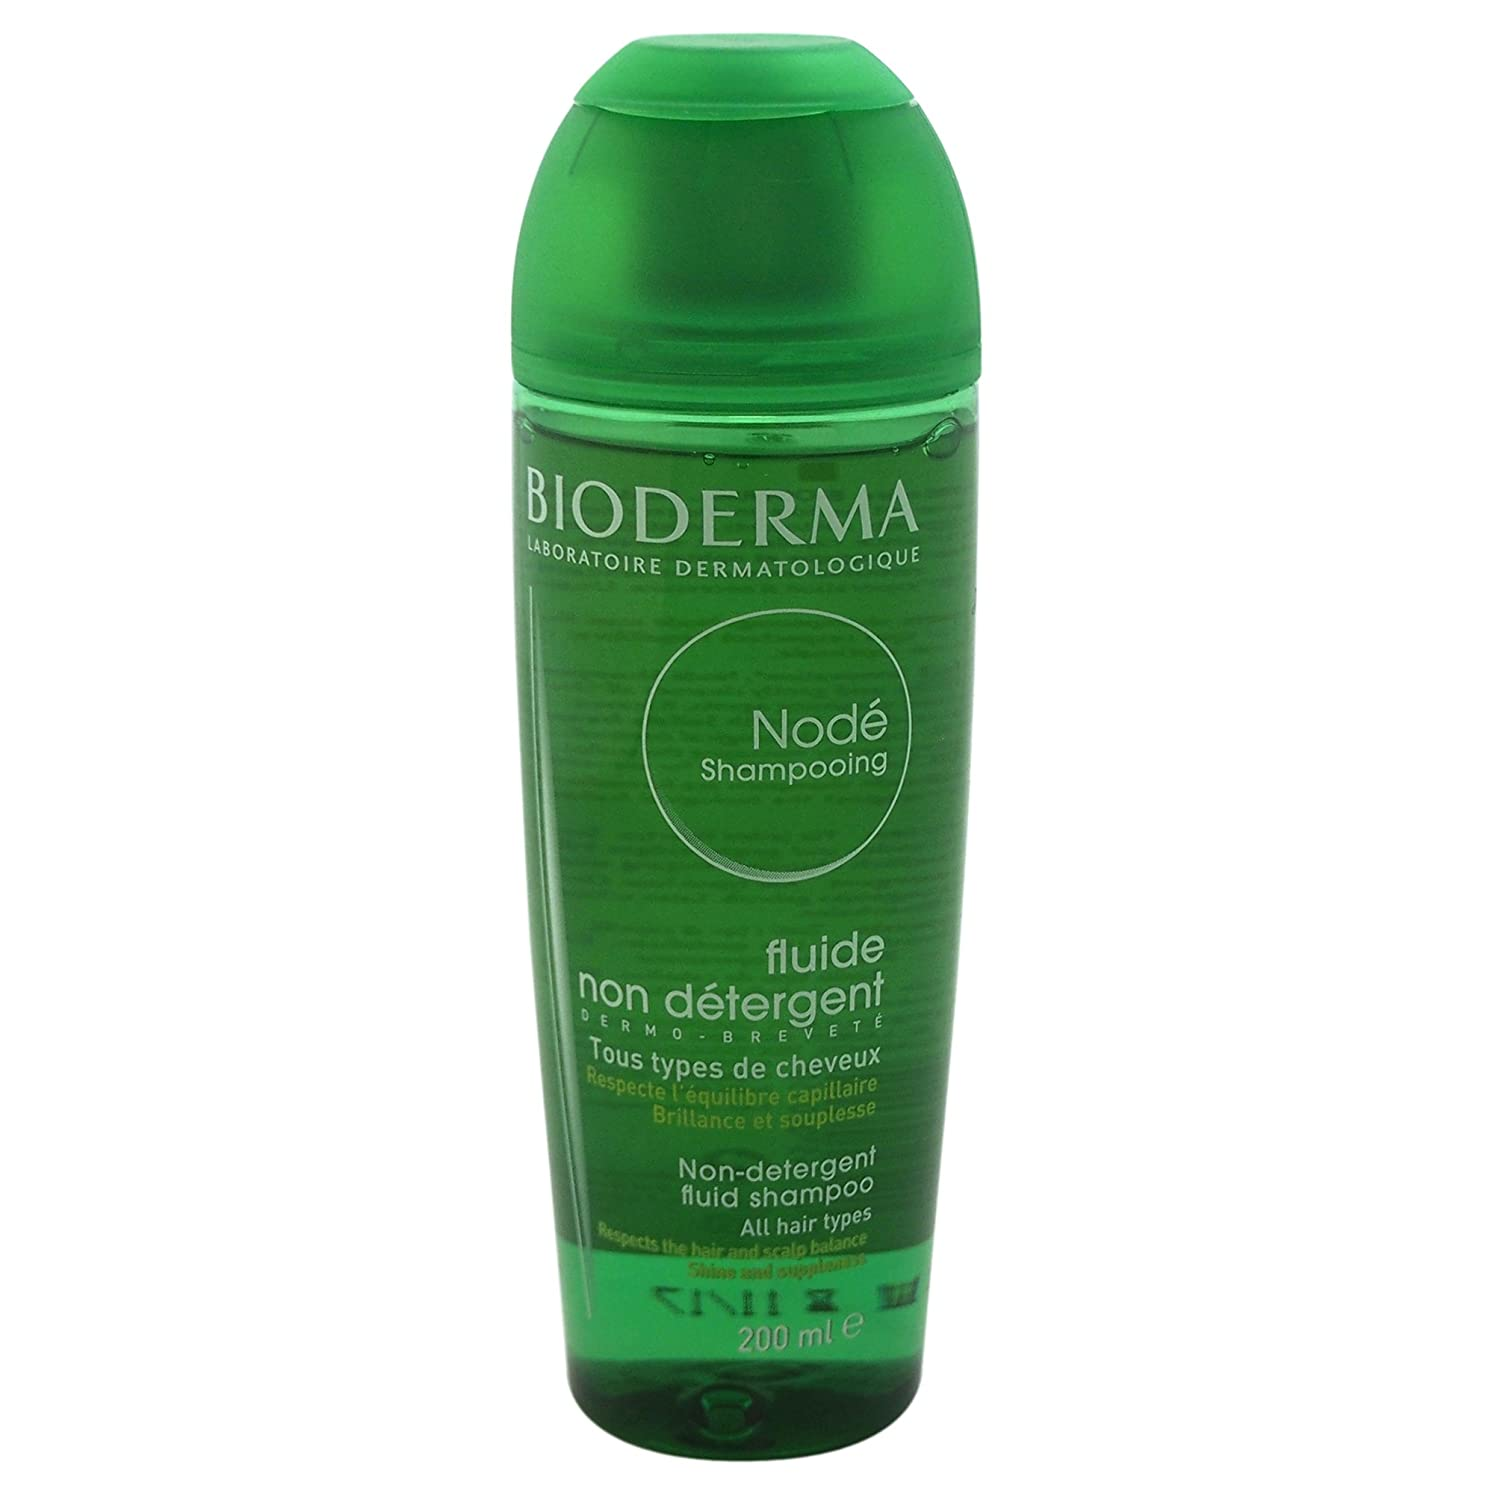 マート適応的熟読するBioderma Node Shampoo Fluid 200ml [並行輸入品]